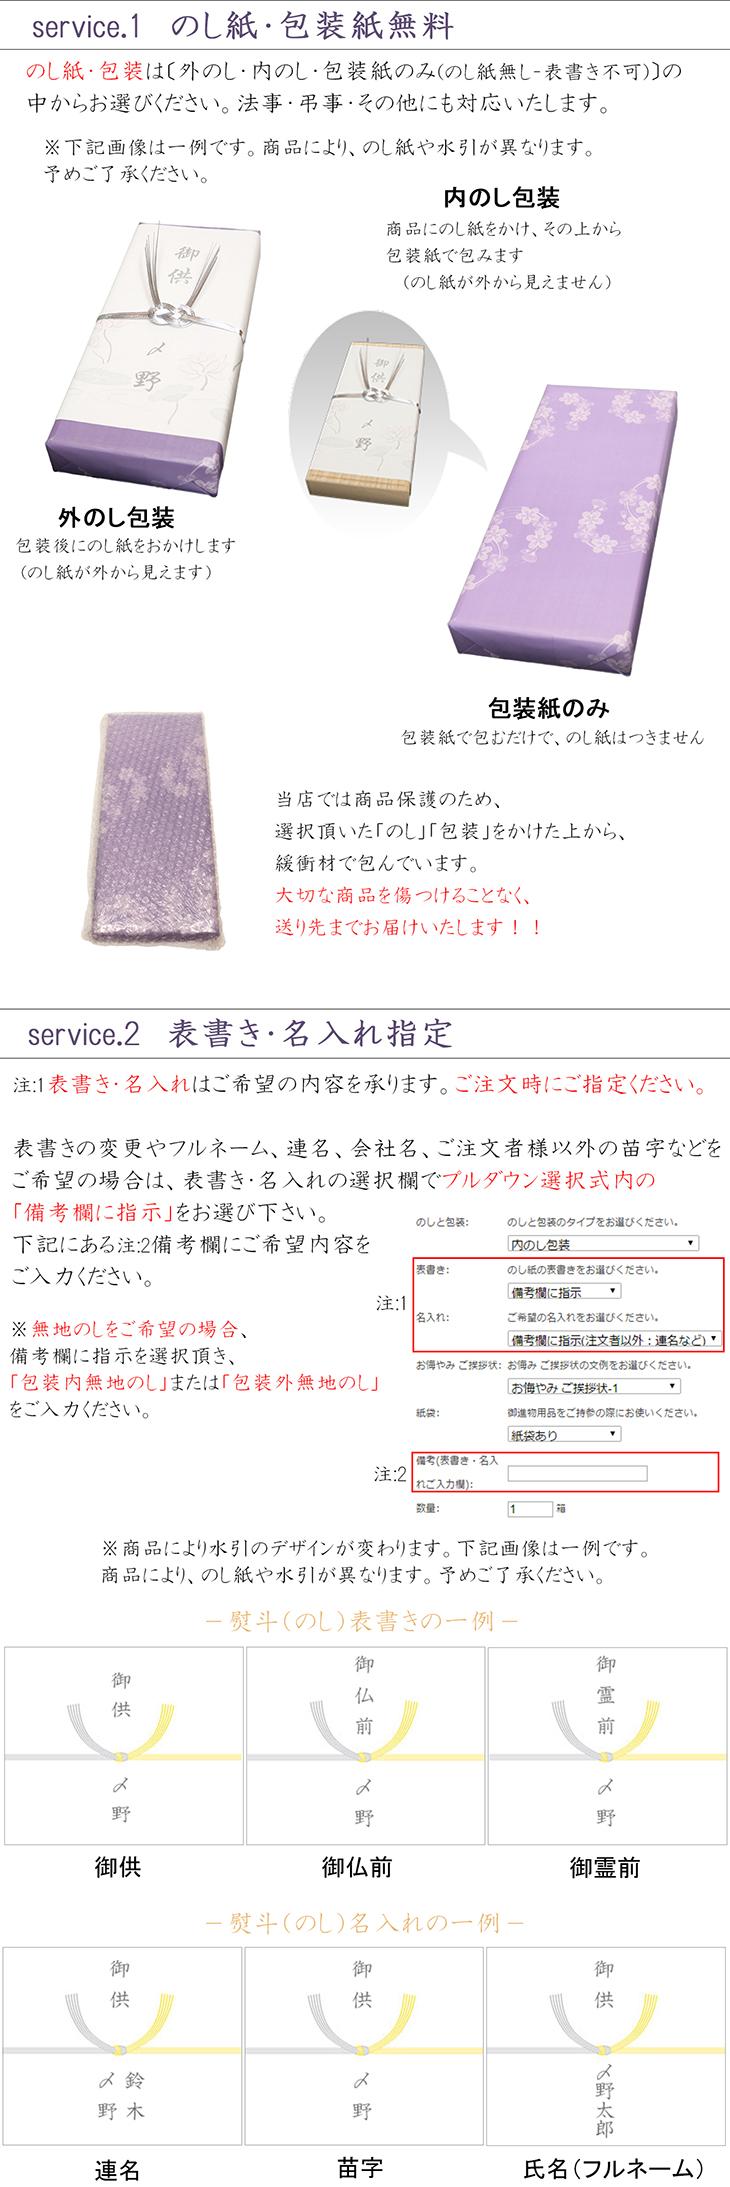 進物用お線香-サービス内容1